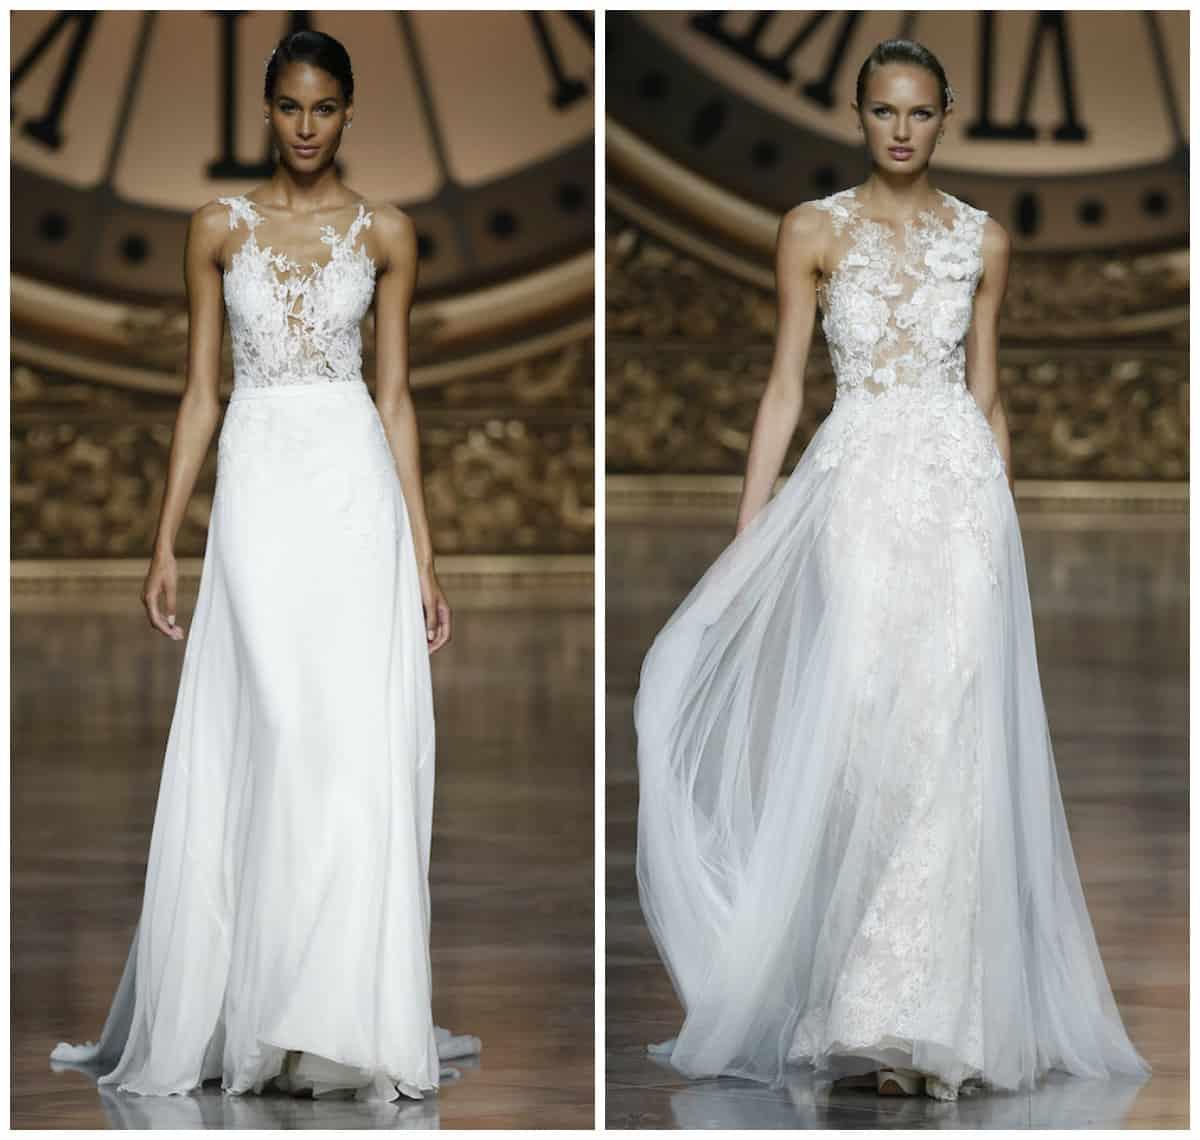 Wedding Dresses 2016 from Pronovias 1